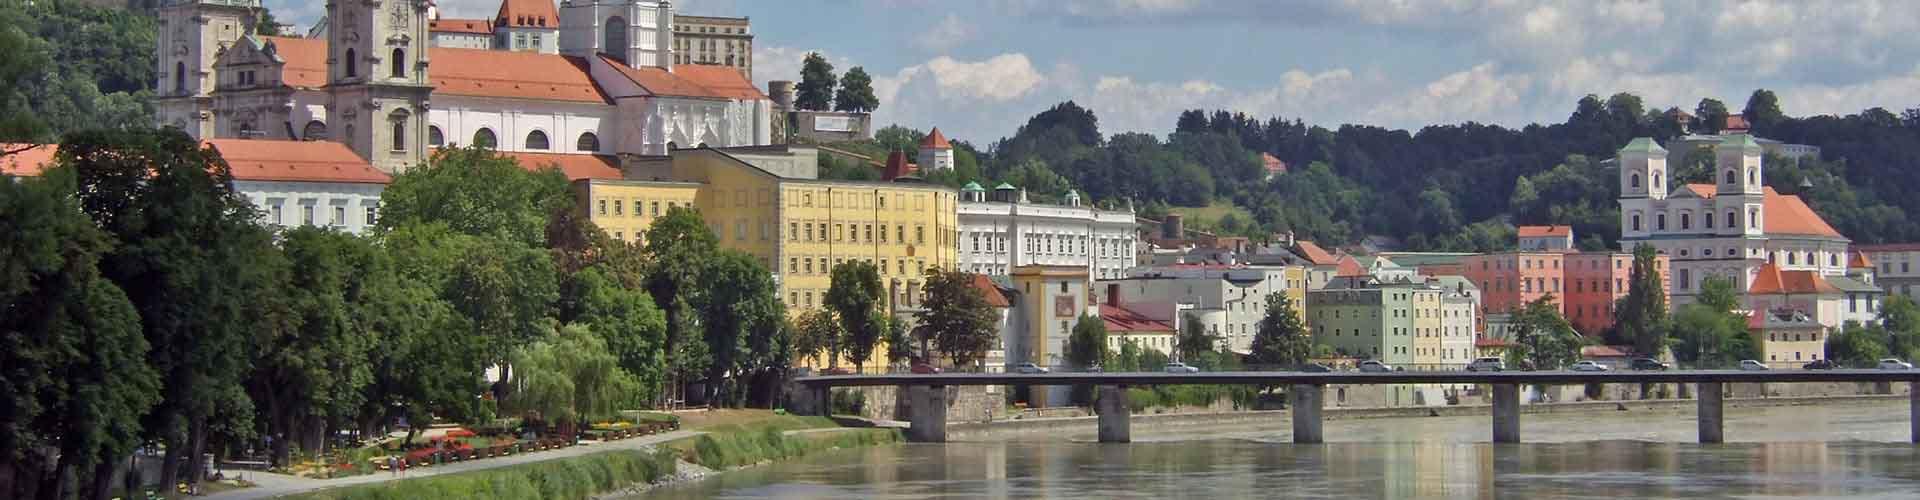 Passau - Apartamentos en Passau. Mapas de Passau, Fotos y comentarios de cada Apartamento en Passau.